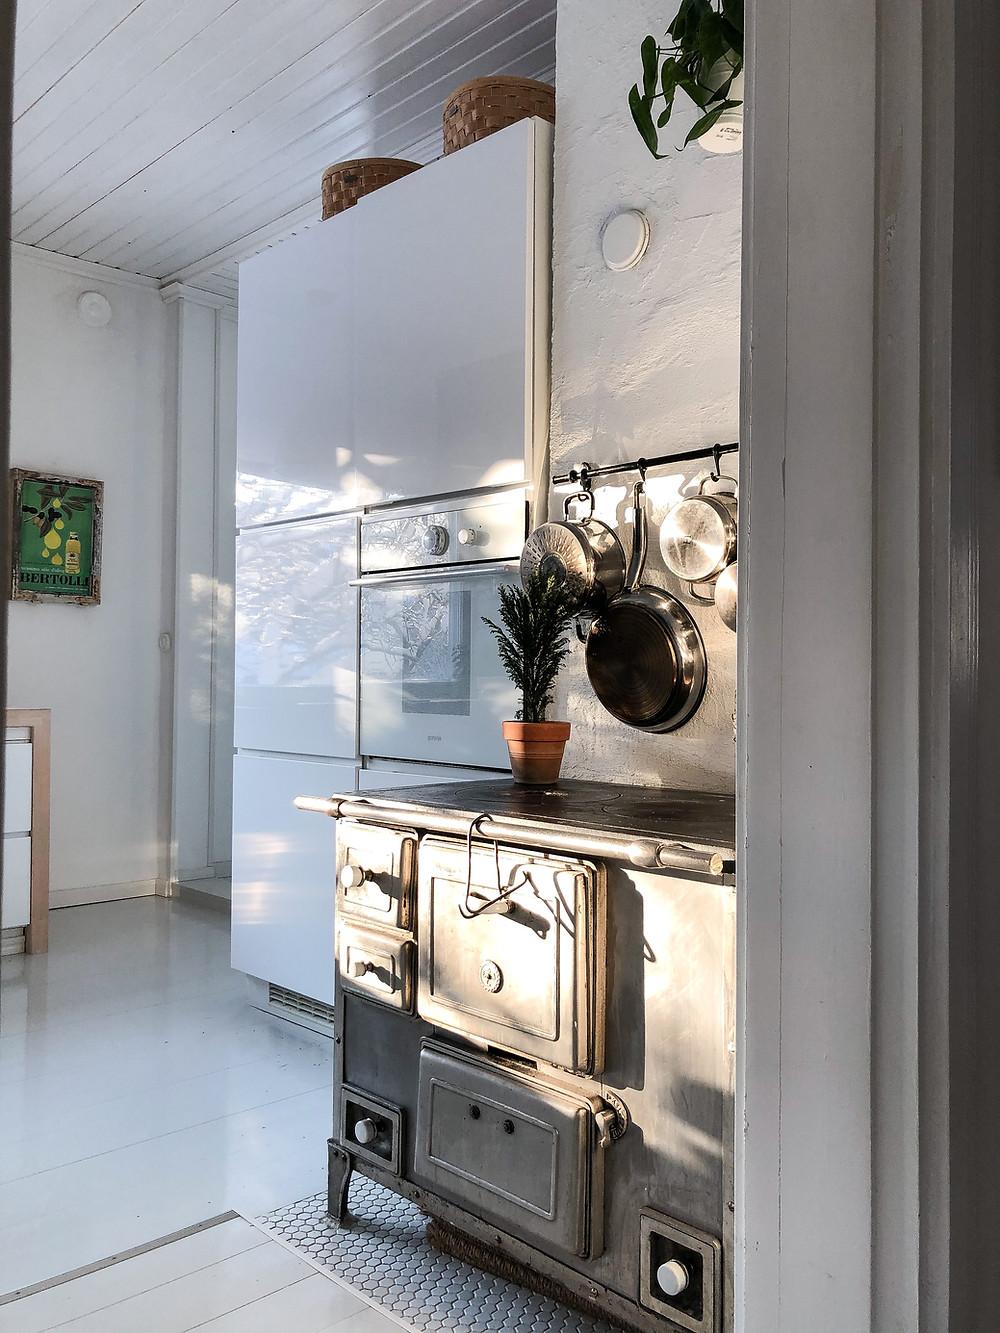 vanha liesi keittiössä, integroidut kodinkoneet, vaaleanharmaa lautalattia, light grey wooden floor, old stove in kitchen